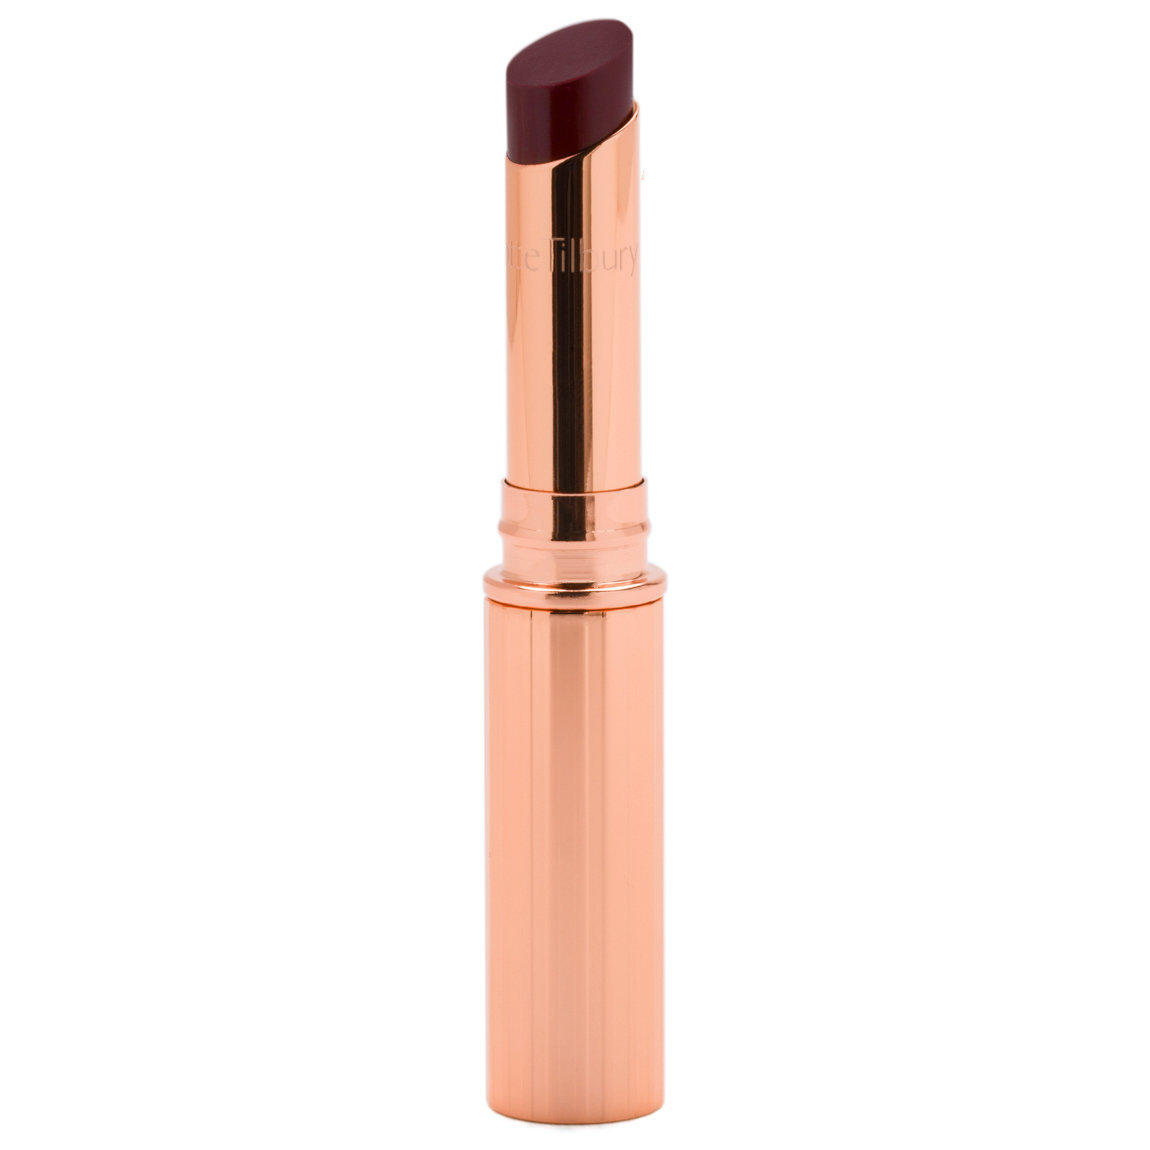 Charlotte Tilbury Super Star Lips Confident Lips